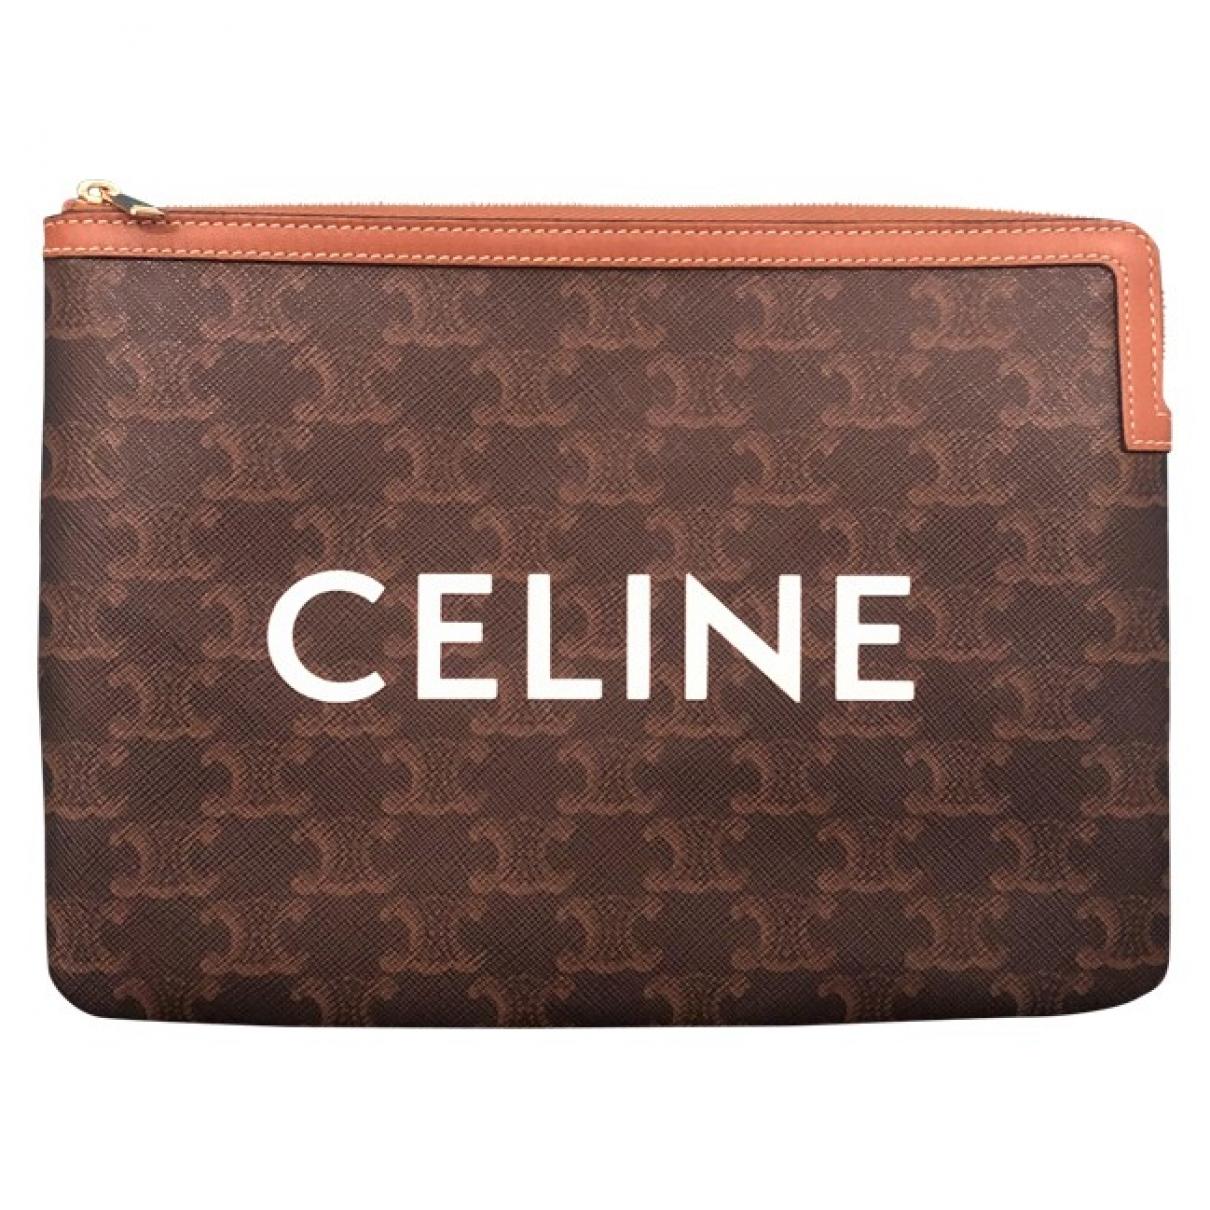 Celine - Pochette   pour femme en toile - marron